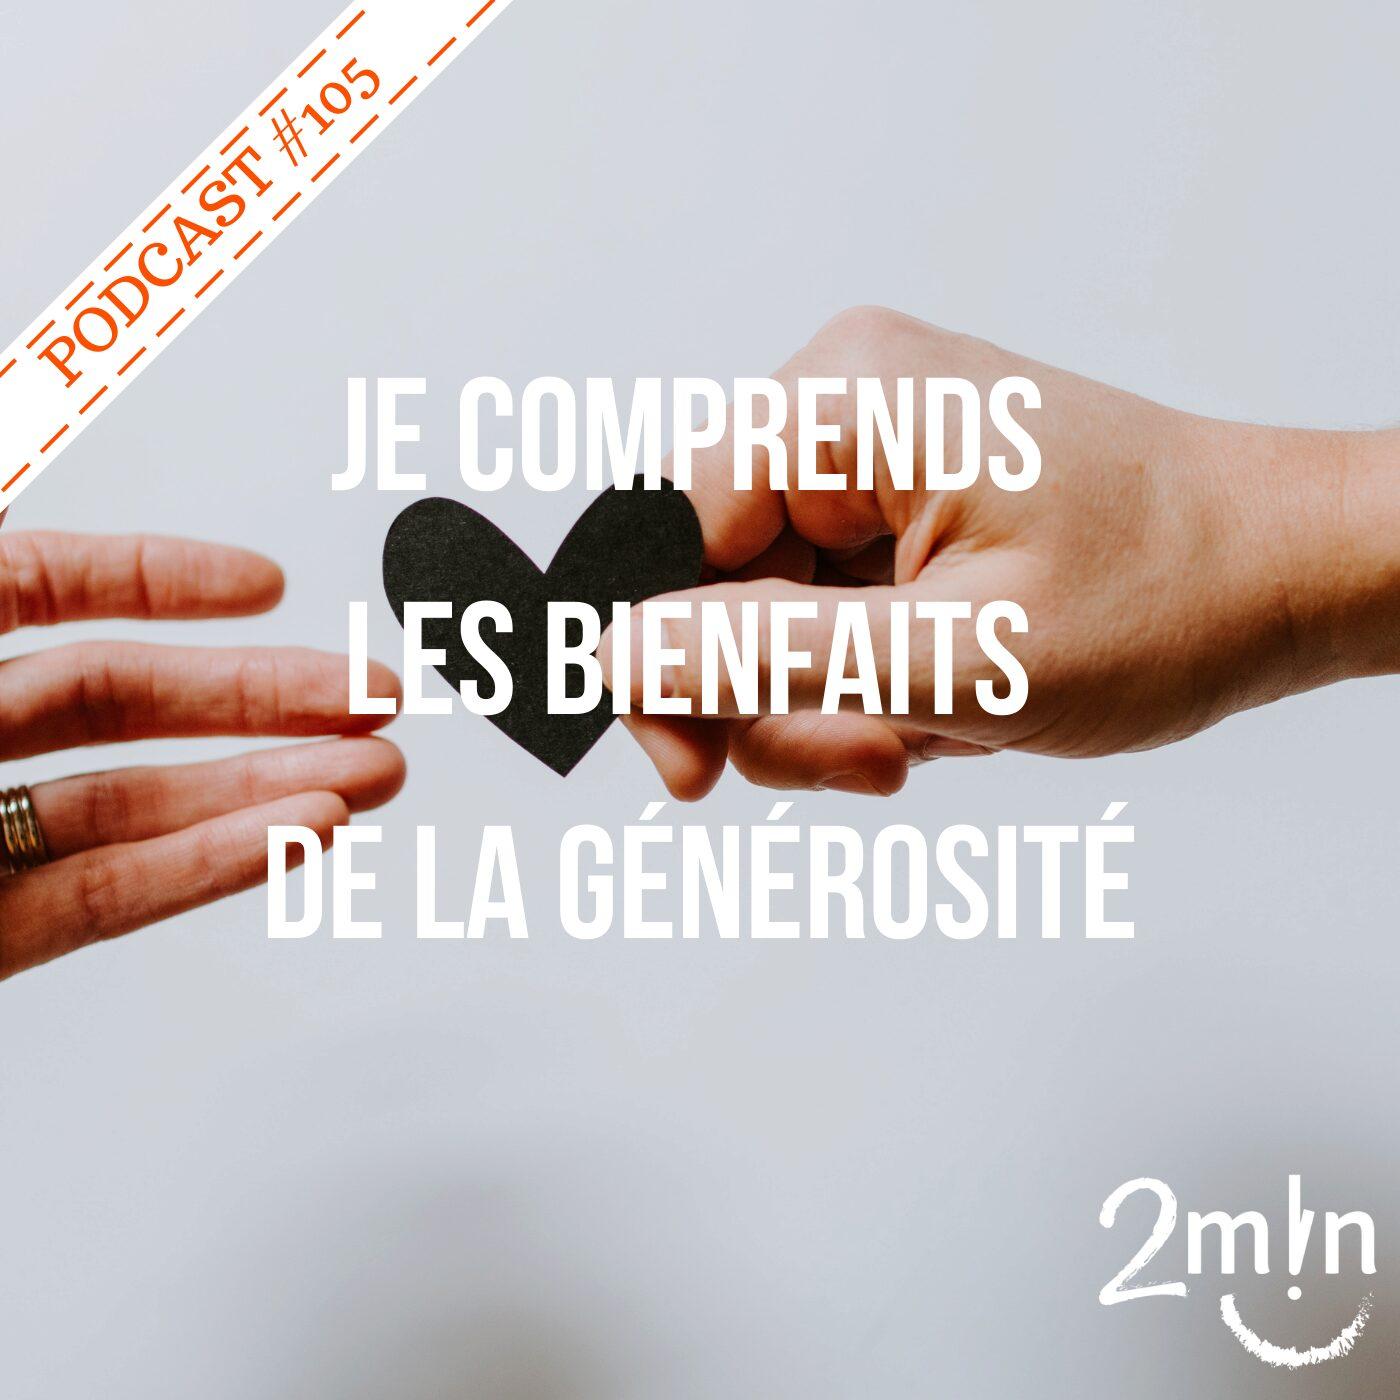 BdeB #105 Je comprends les bienfaits de la générosité